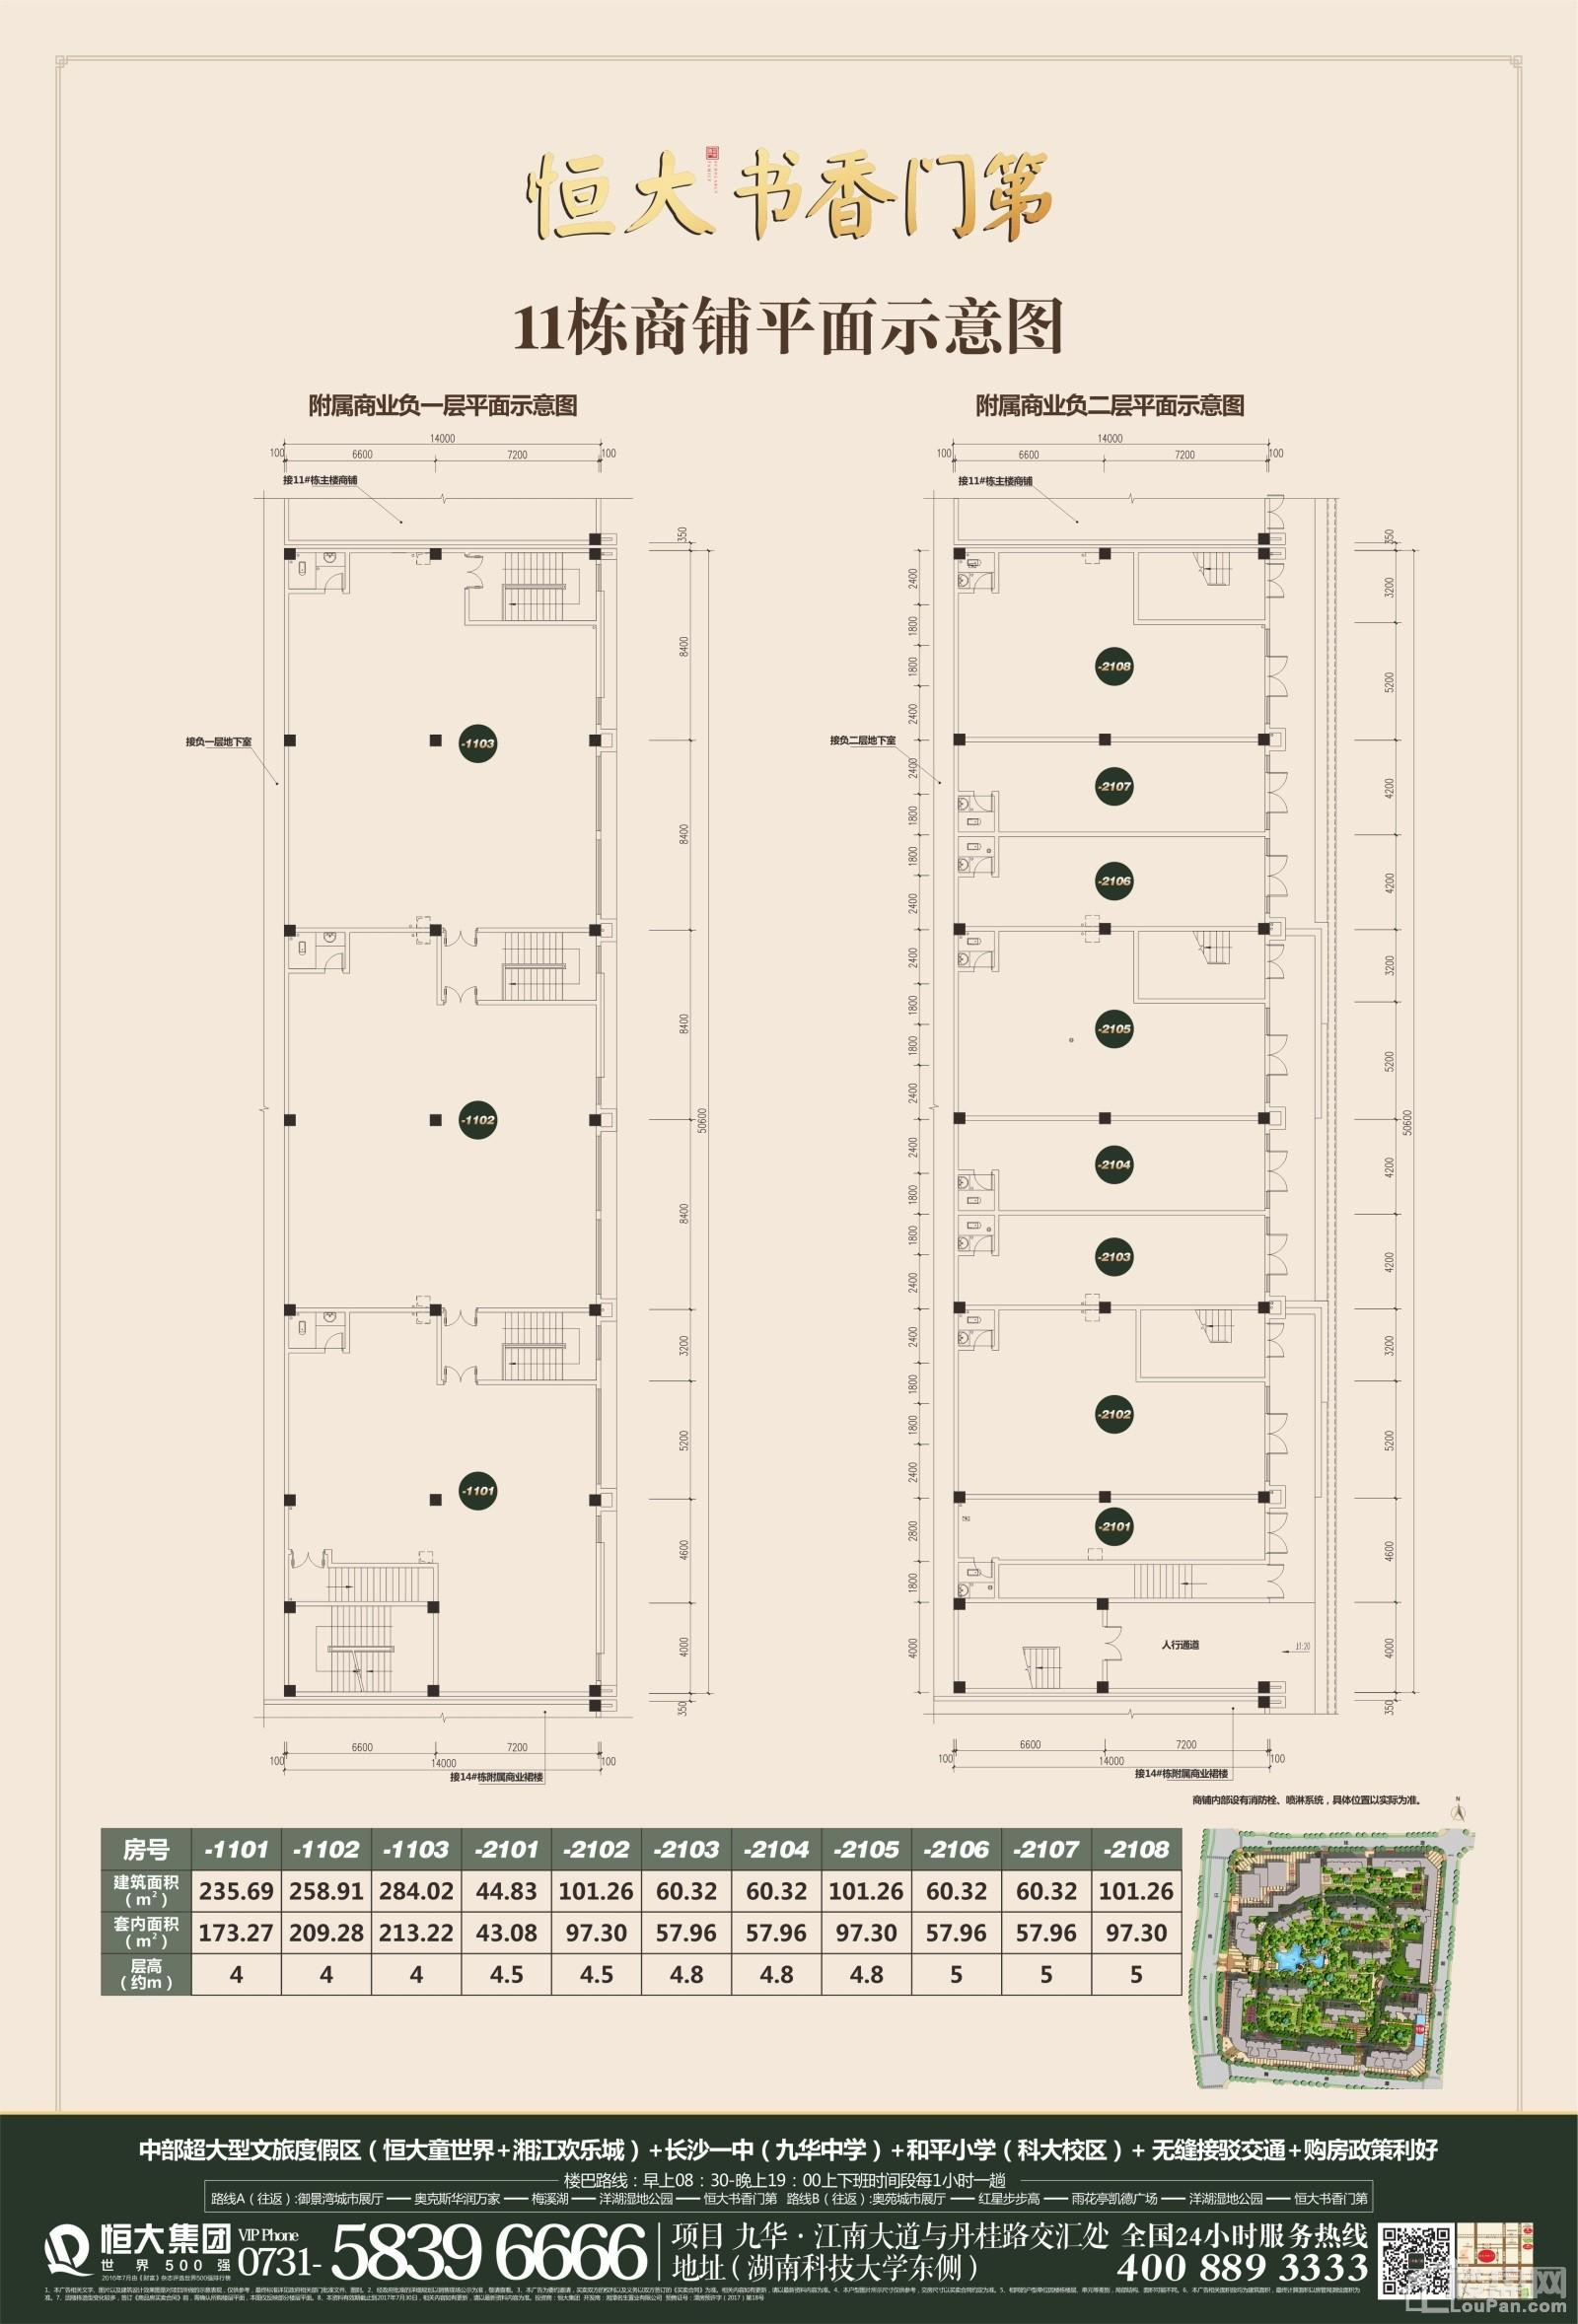 湘潭恒大书香门第11号栋商铺户型图